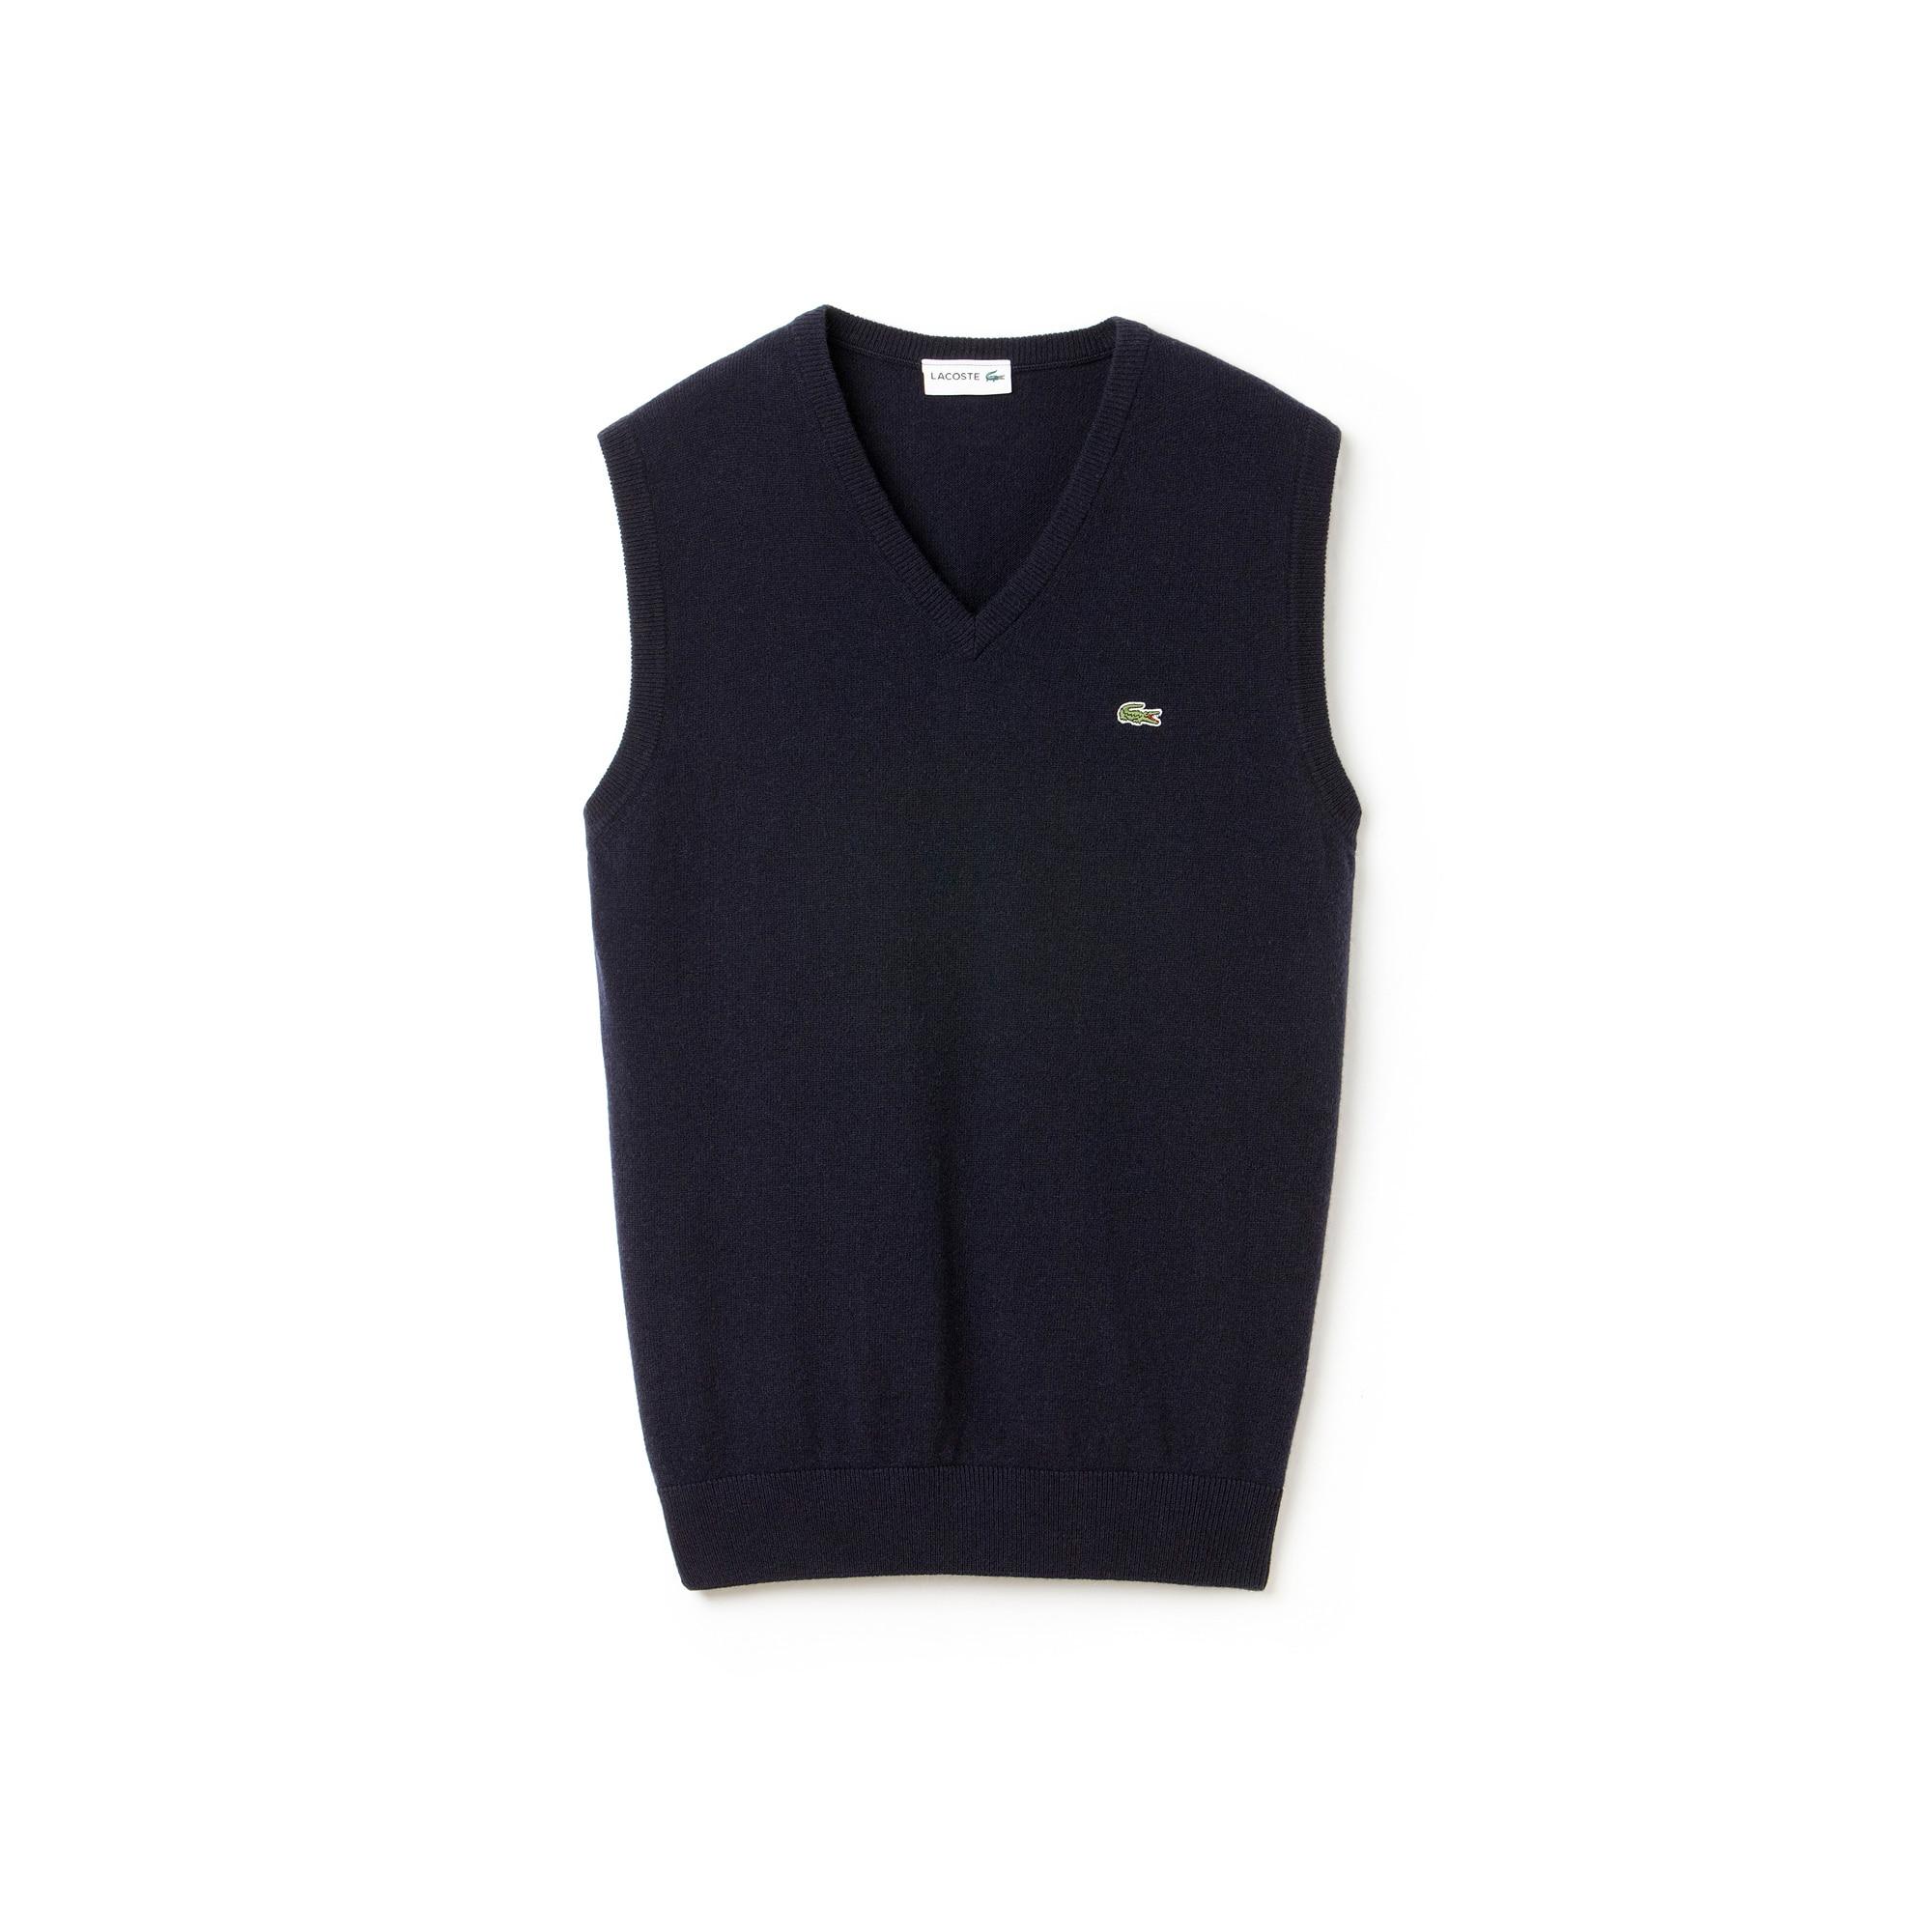 Pullover con collo a V senza maniche in jersey di lana tinta unita